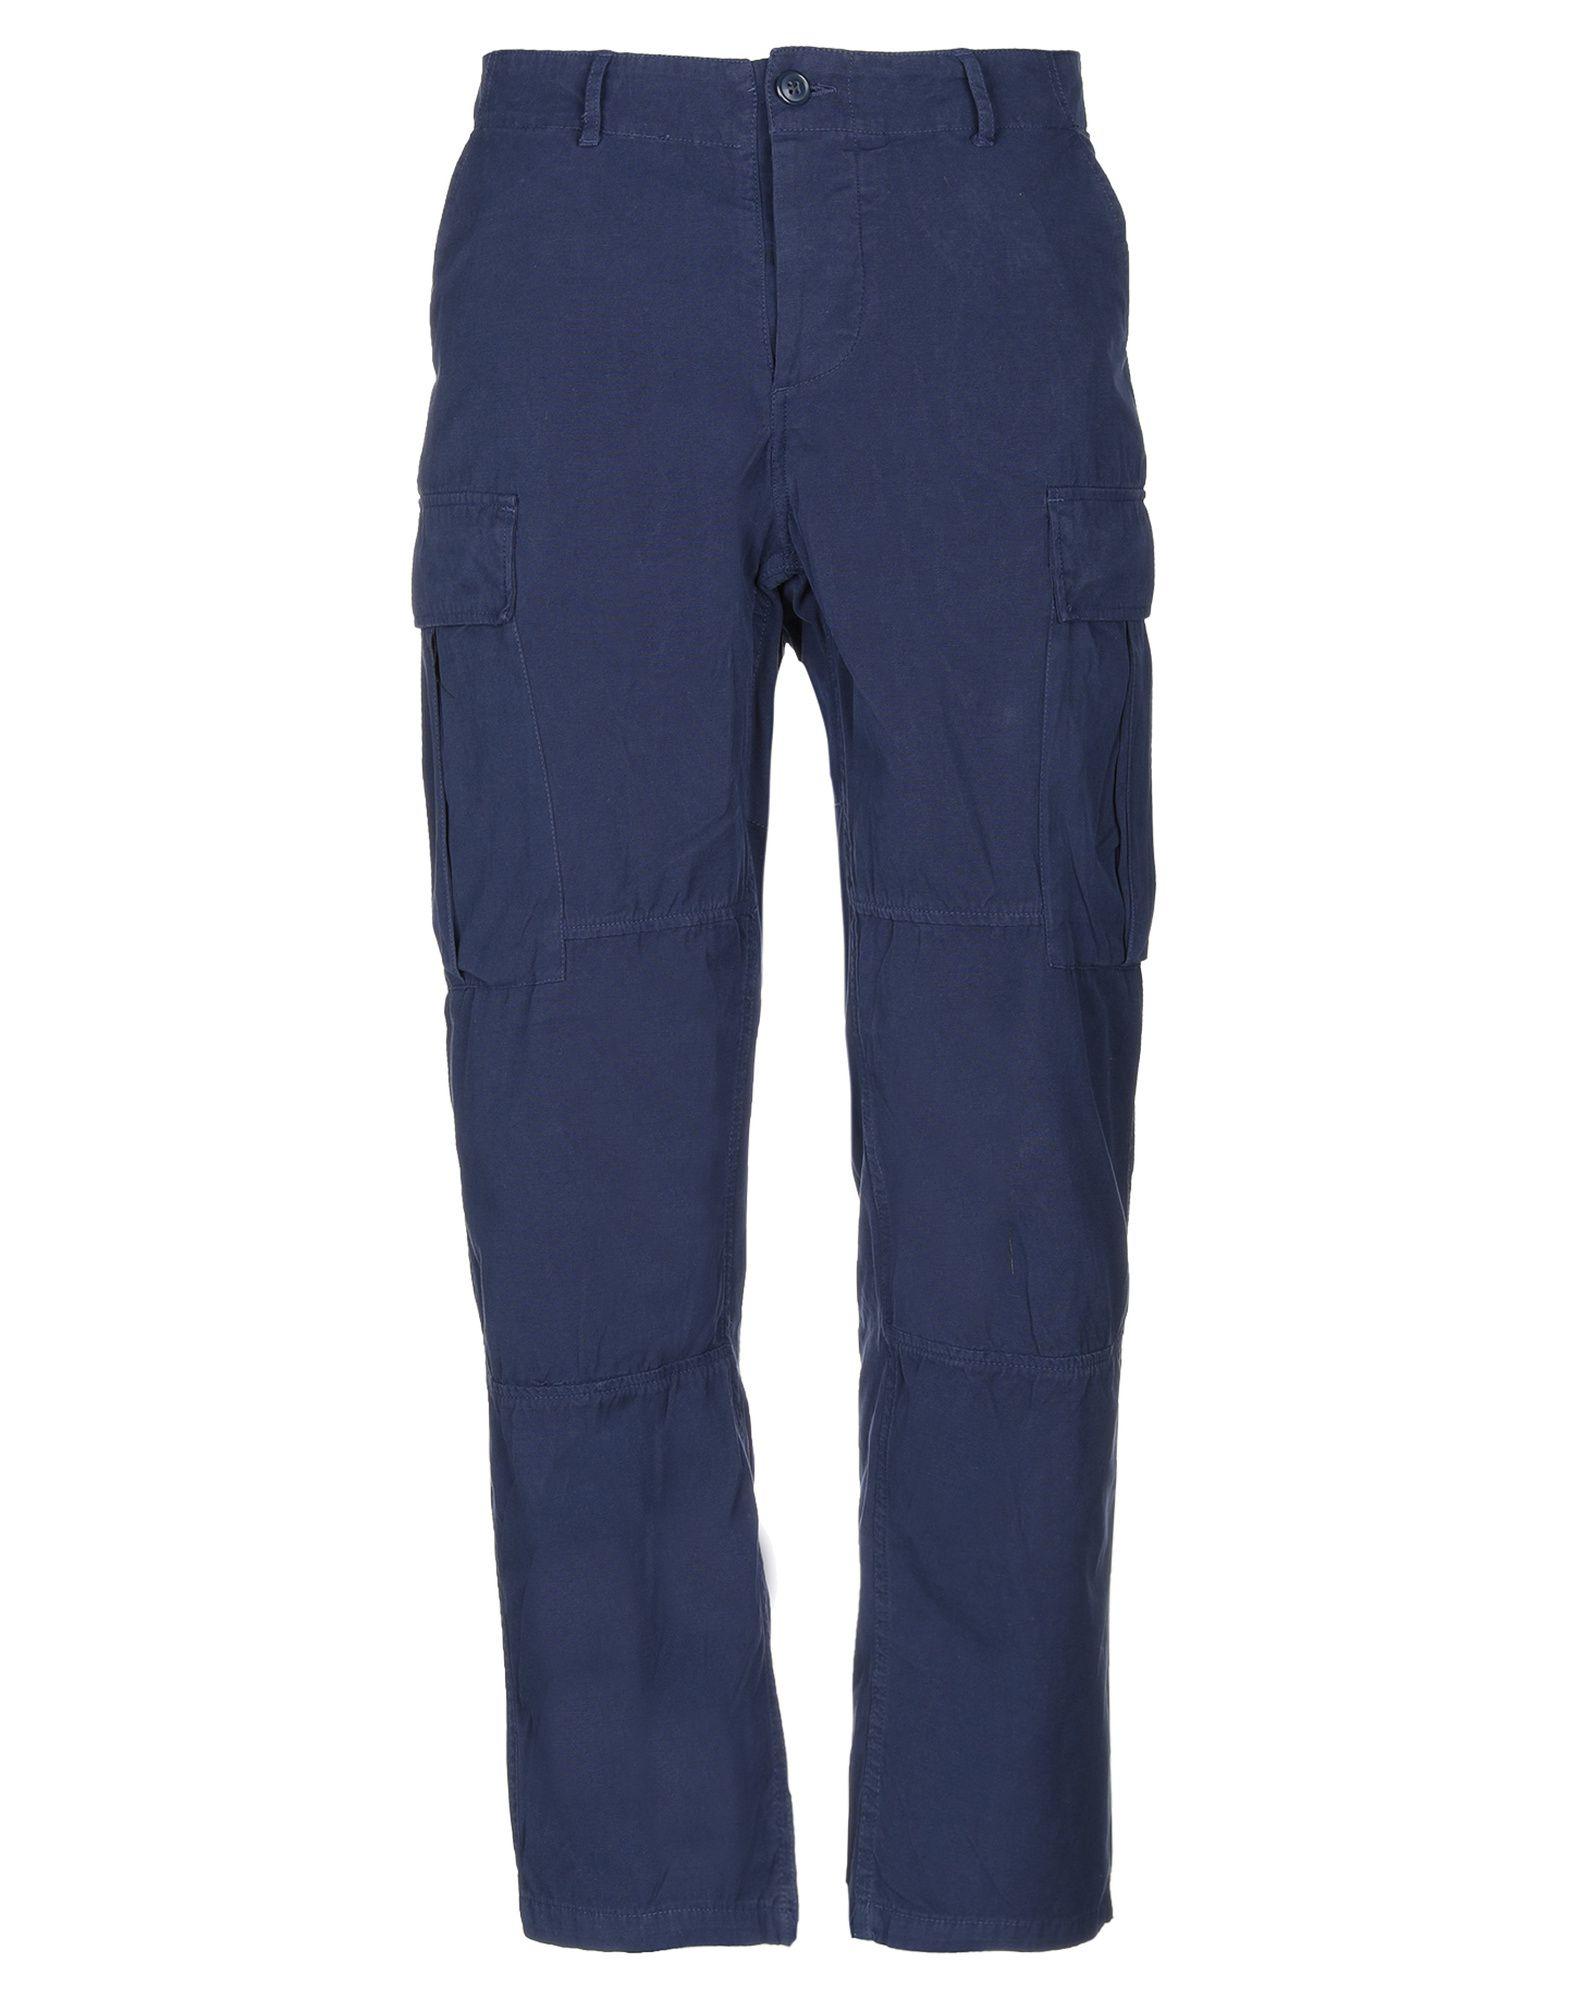 《送料無料》PENFIELD メンズ パンツ ダークブルー S コットン 100%